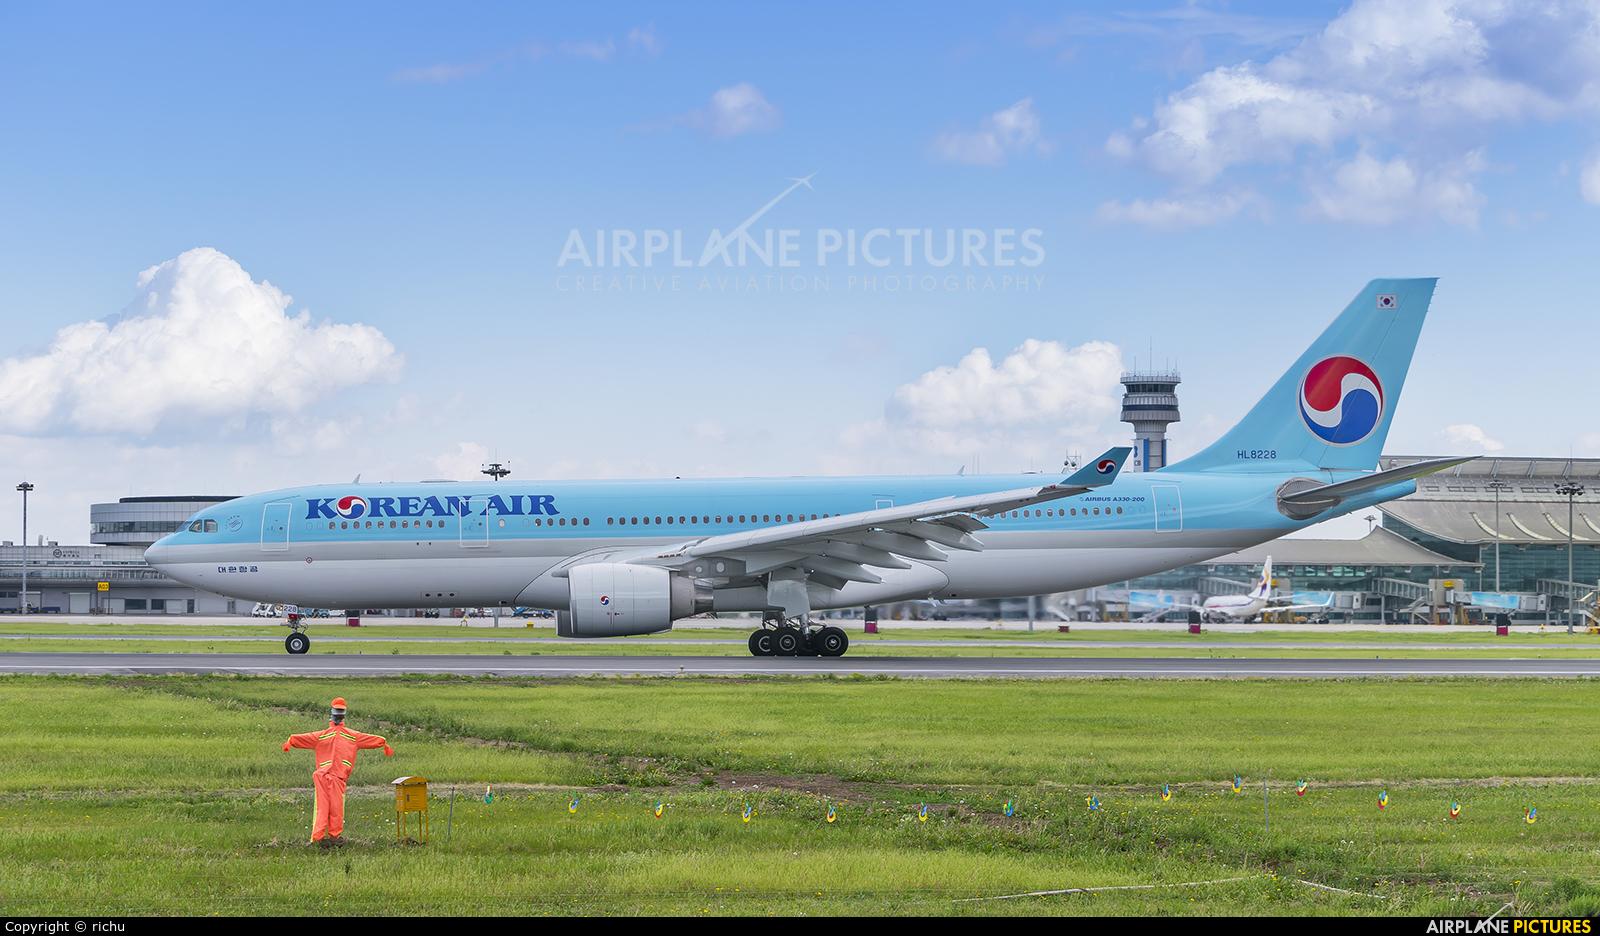 Korean Air HL8228 aircraft at Shenyang-Taoxian